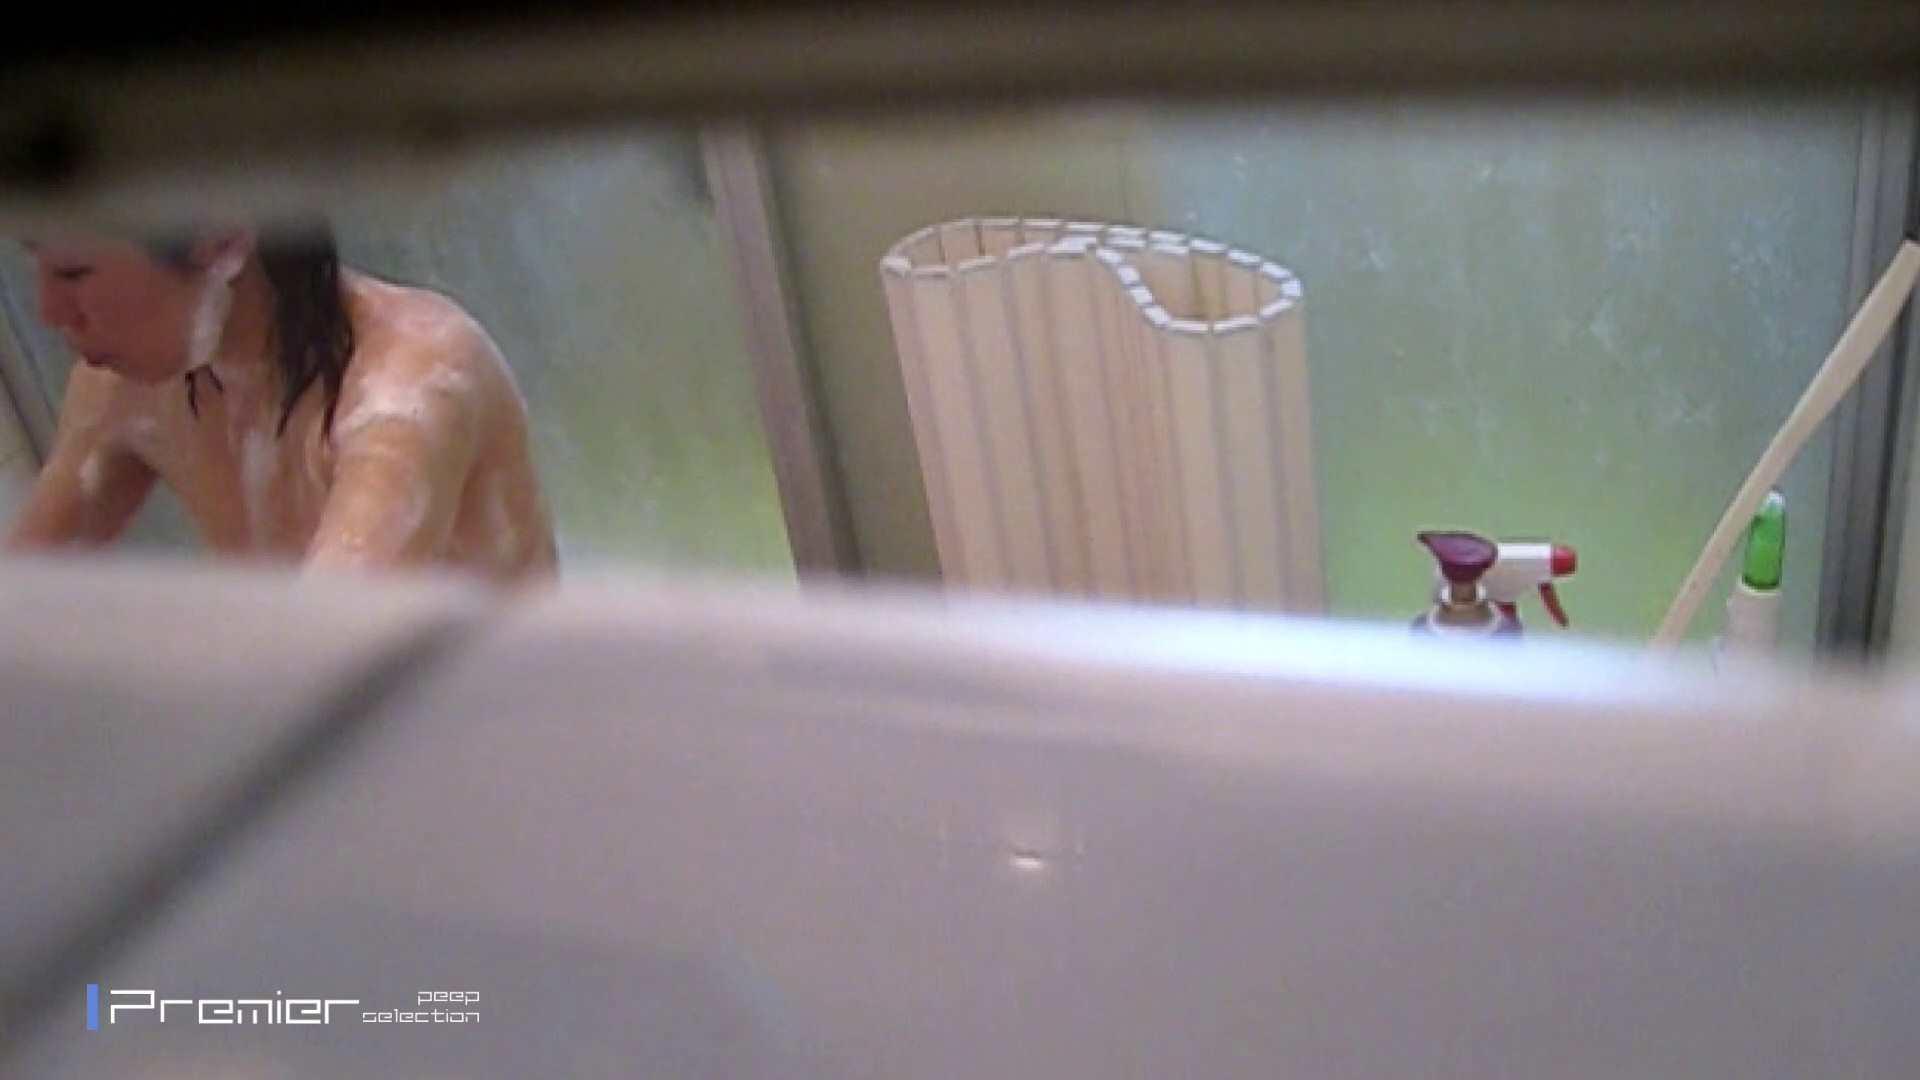 美乳美女の入浴 乙女の風呂場 Vol.14 OLの実態 盗撮おめこ無修正動画無料 68pic 23